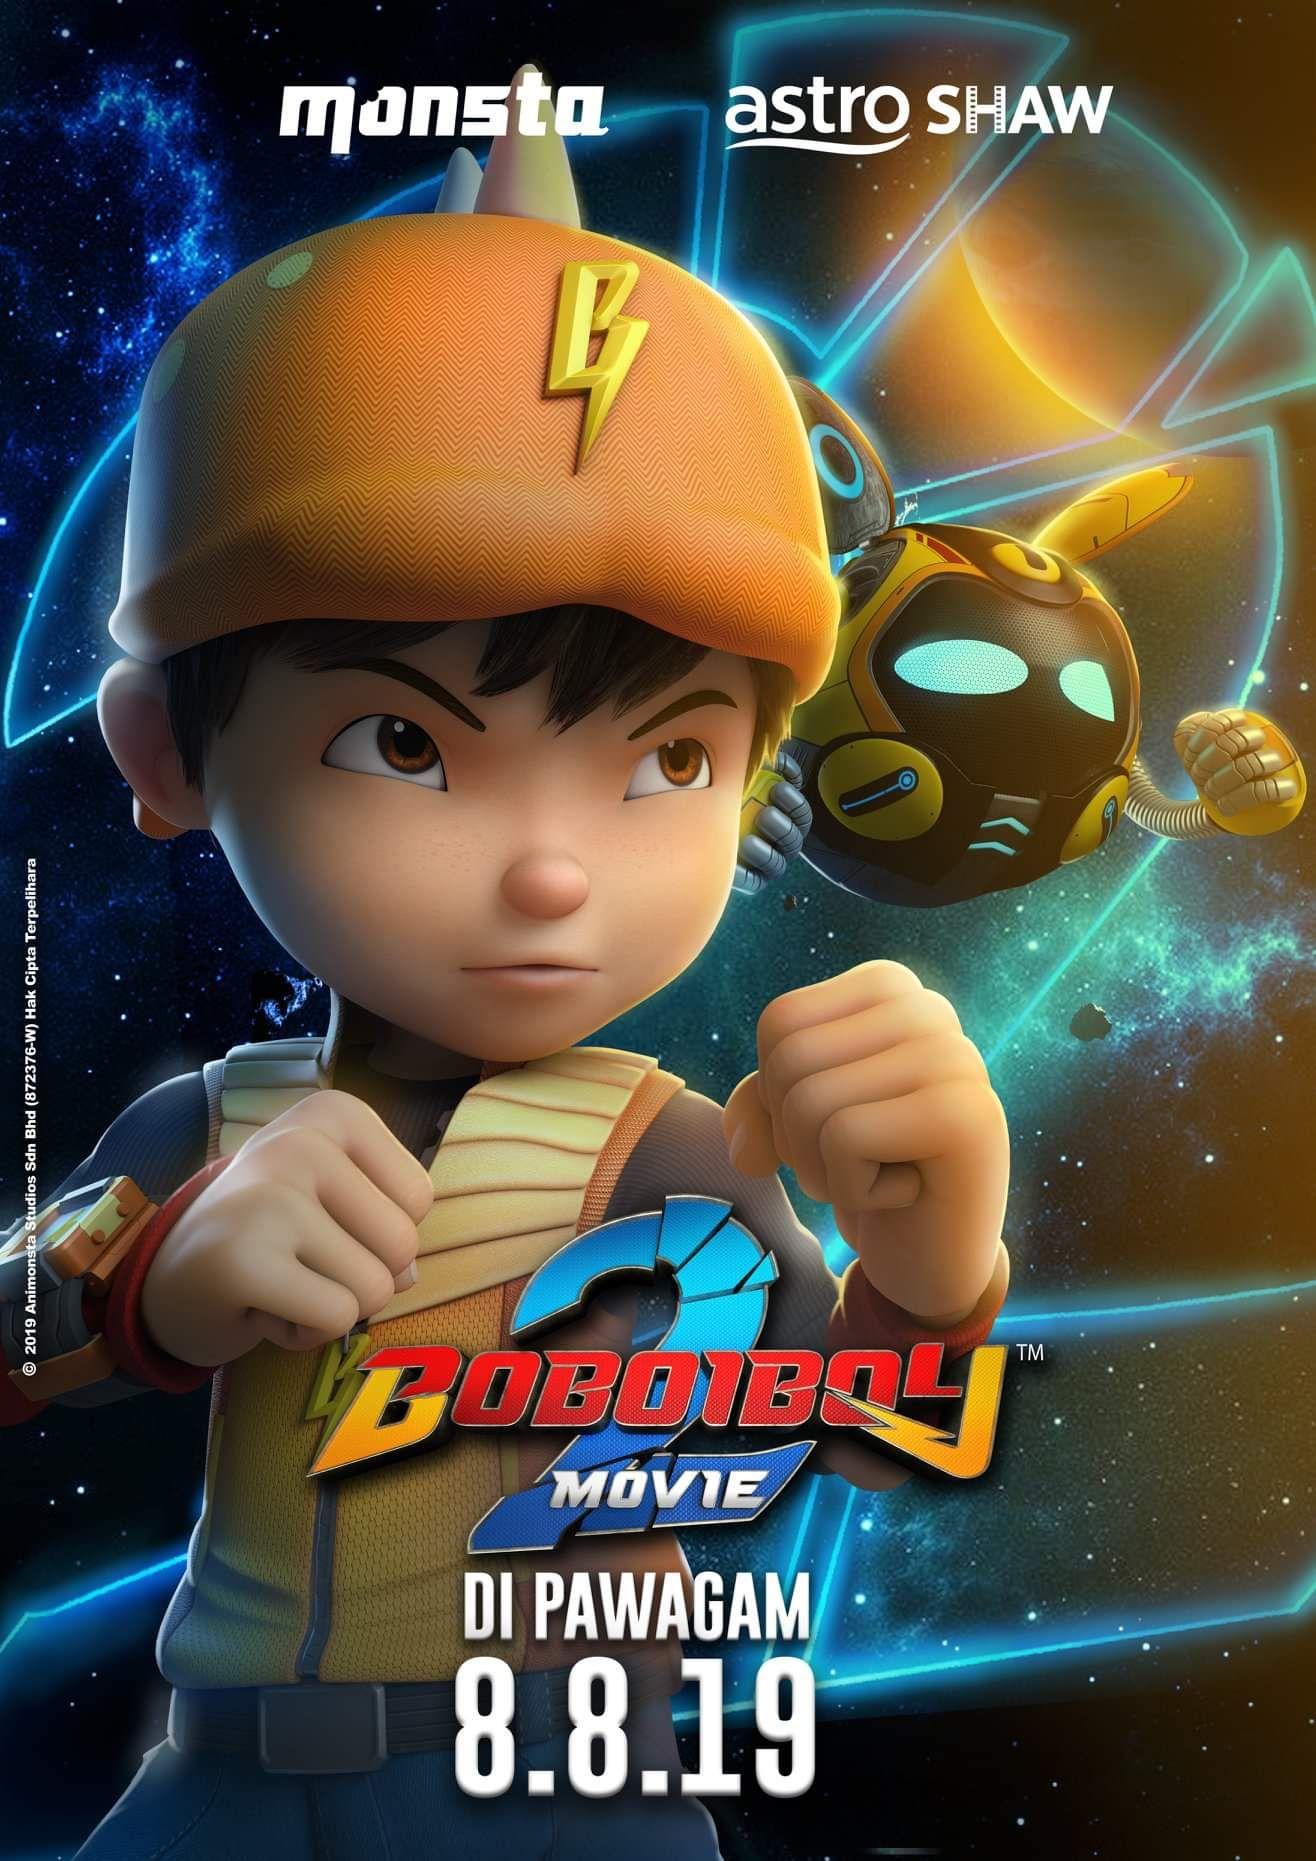 Boboiboy Movie 2 Boboiboy Wiki Fandom Galaxy Movie Anime Galaxy Boboiboy Anime